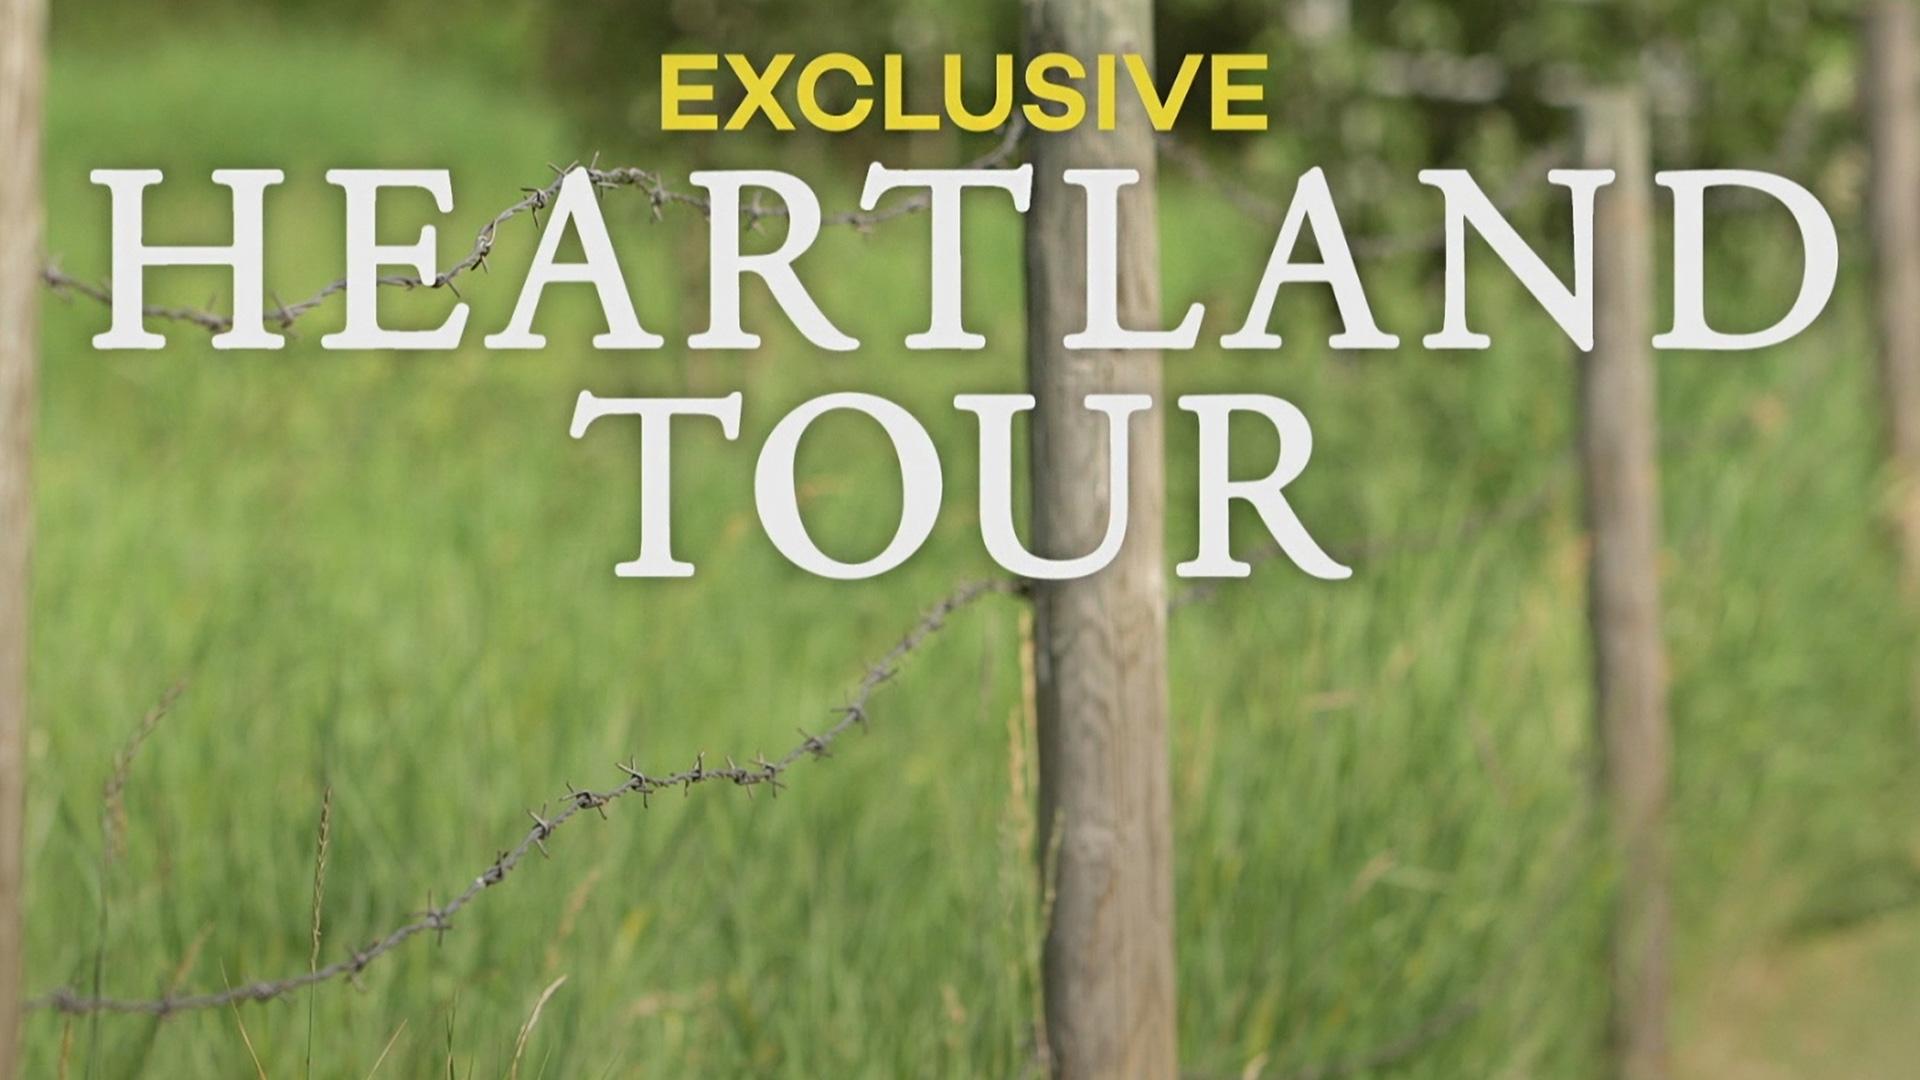 Heartland Exclusives